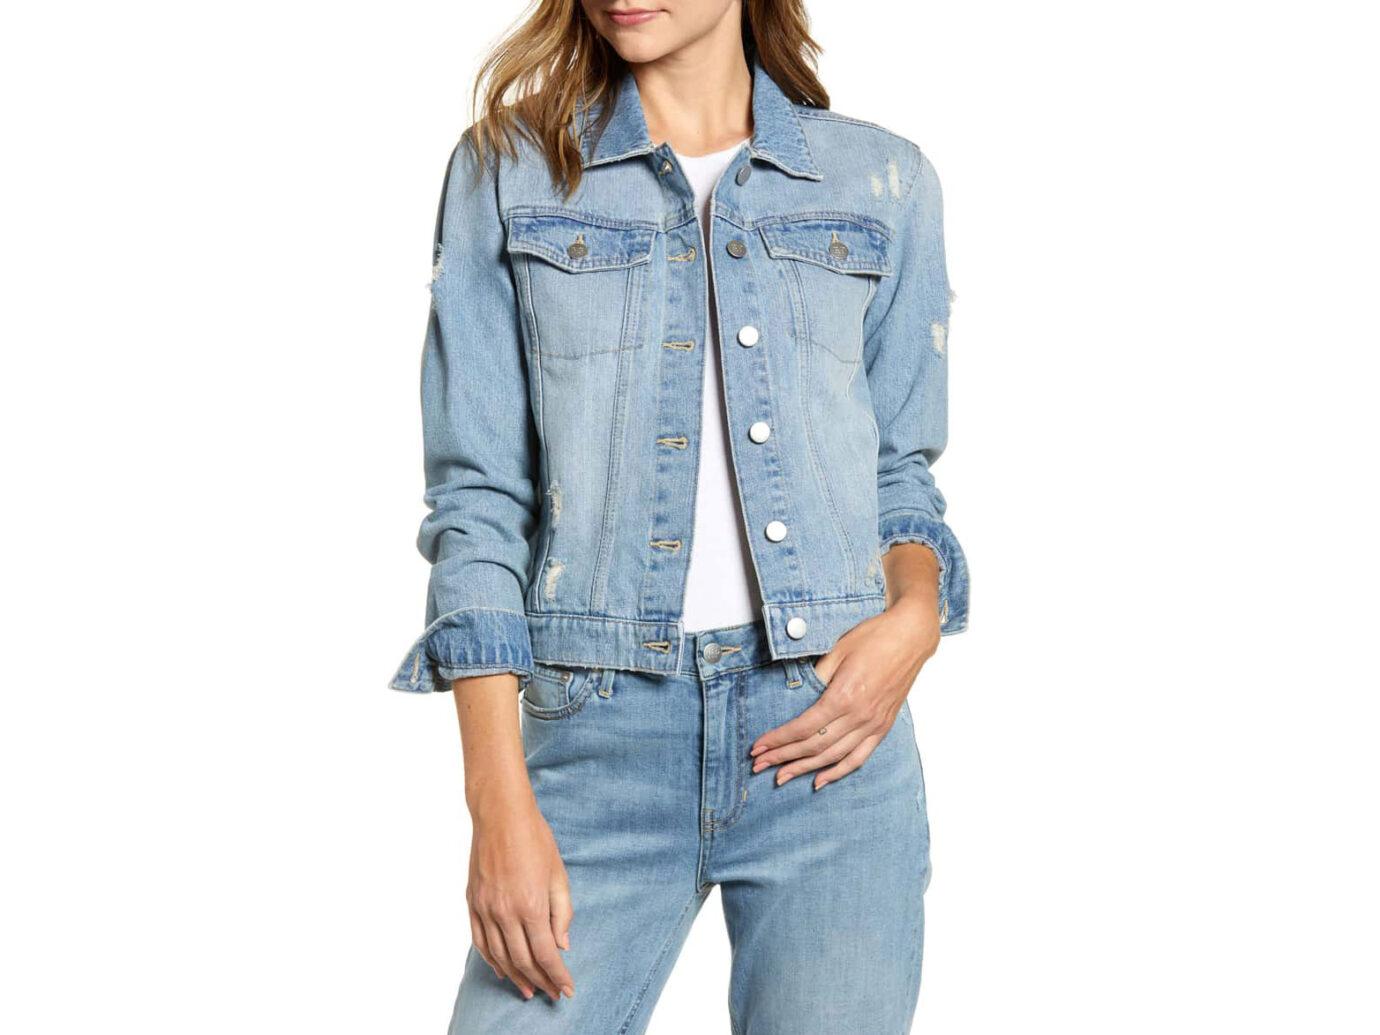 Rachel Parcell Denim Jacket